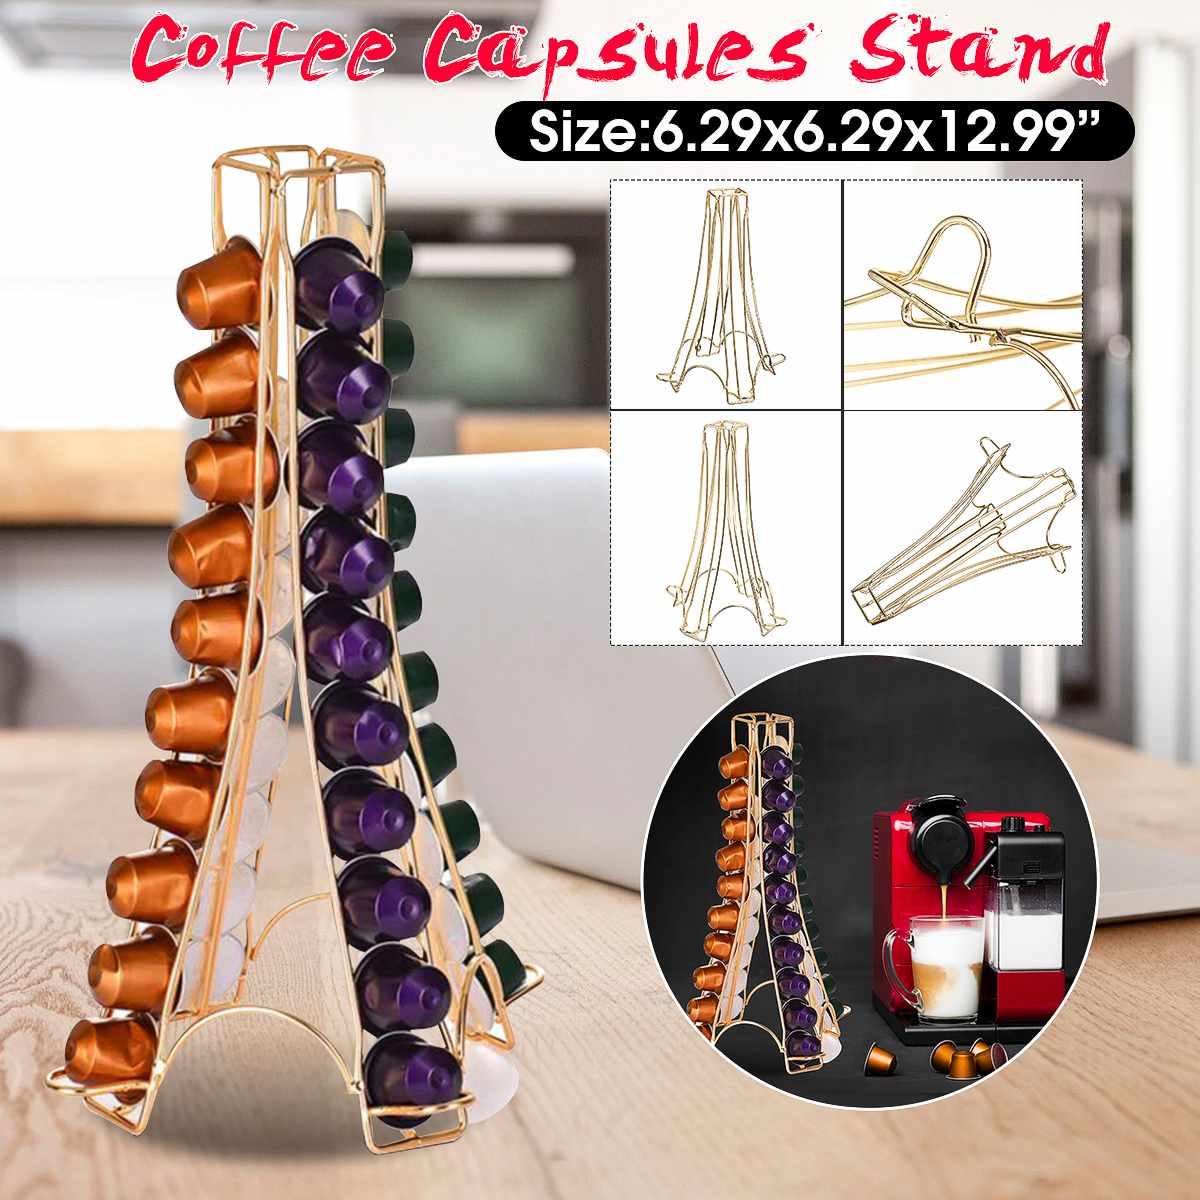 Soporte para cápsulas de café Nespresso, soporte de Torre dispensadora de 40 cápsulas, almacenamiento de cápsulas de café